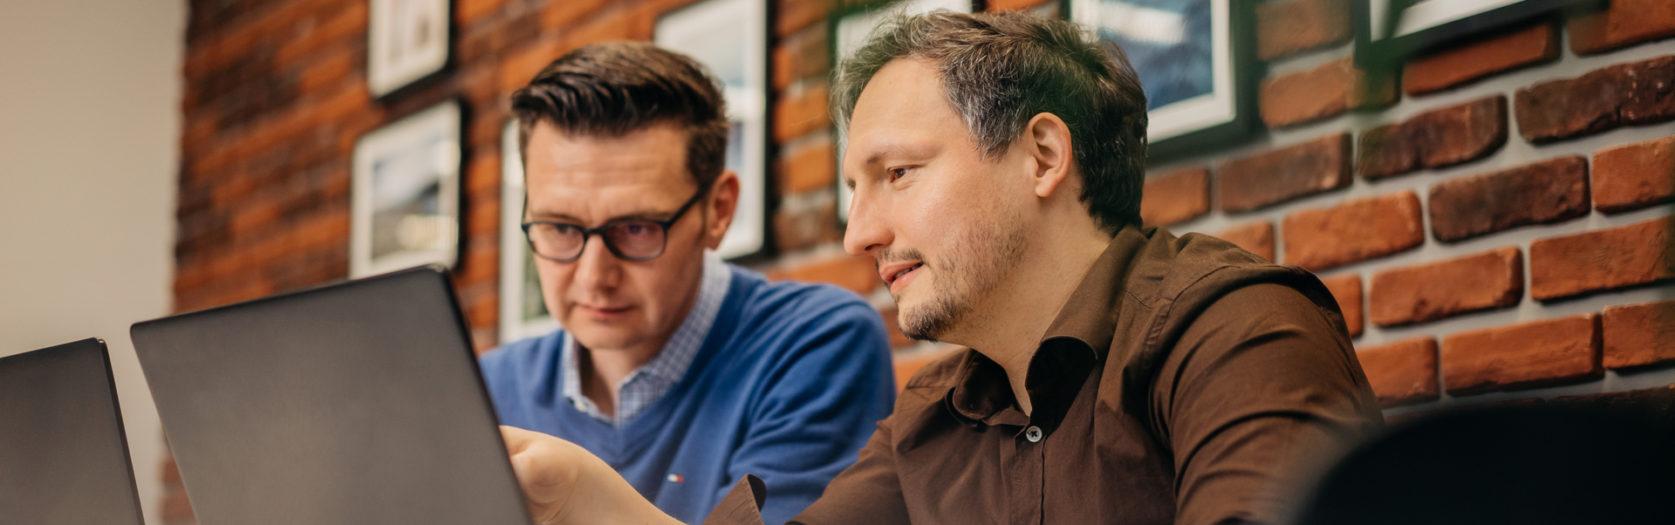 Männer im Café